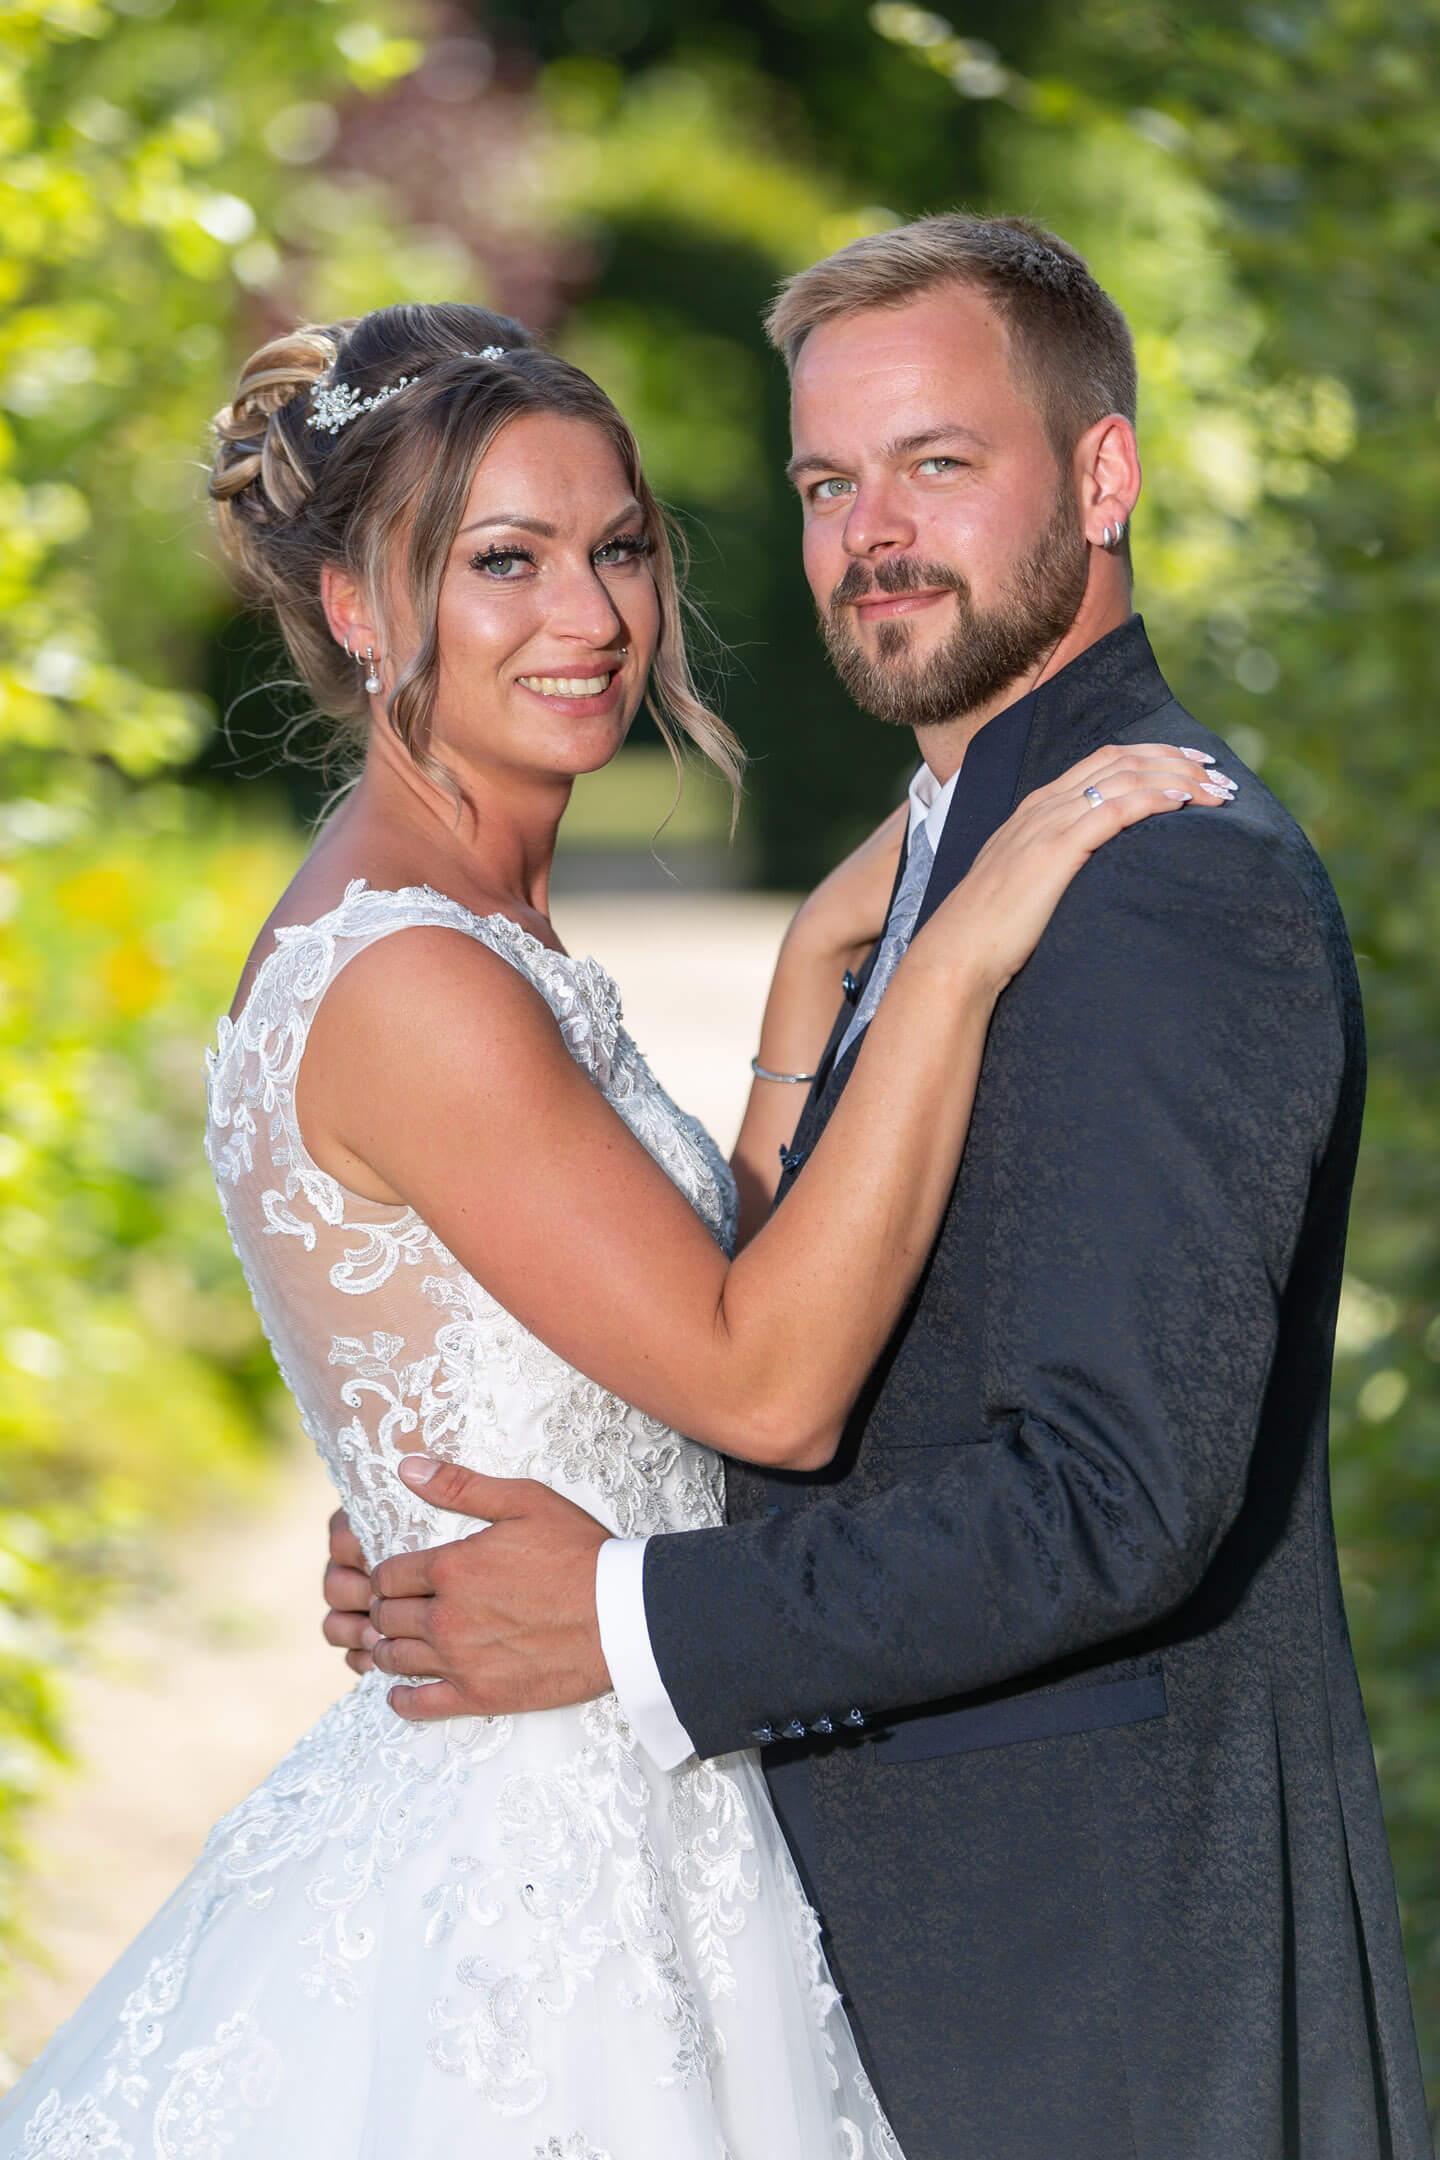 Paarfotos nach der Hochzeit im Altonaer Volkspark